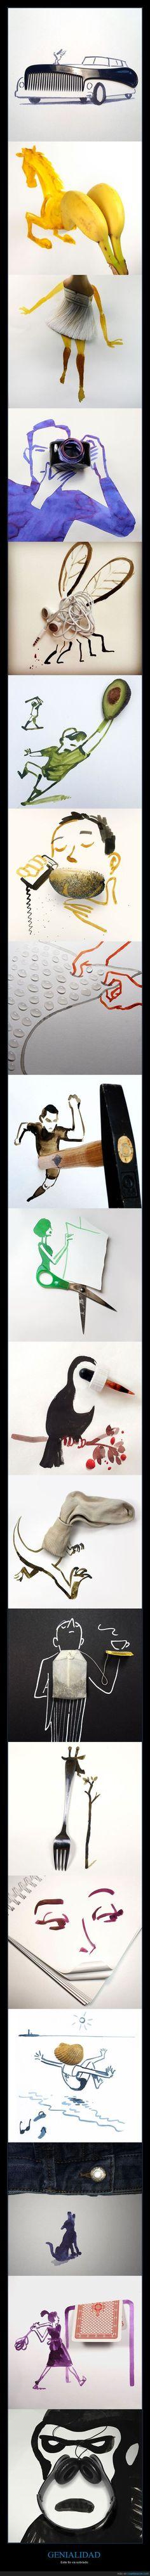 Ilustrador completa dibujos con objetos del día a día - Este tío va sobrado   Gracias a http://www.cuantarazon.com/   Si quieres leer la noticia completa visita: http://www.estoy-aburrido.com/ilustrador-completa-dibujos-con-objetos-del-dia-a-dia-este-tio-va-sobrado/